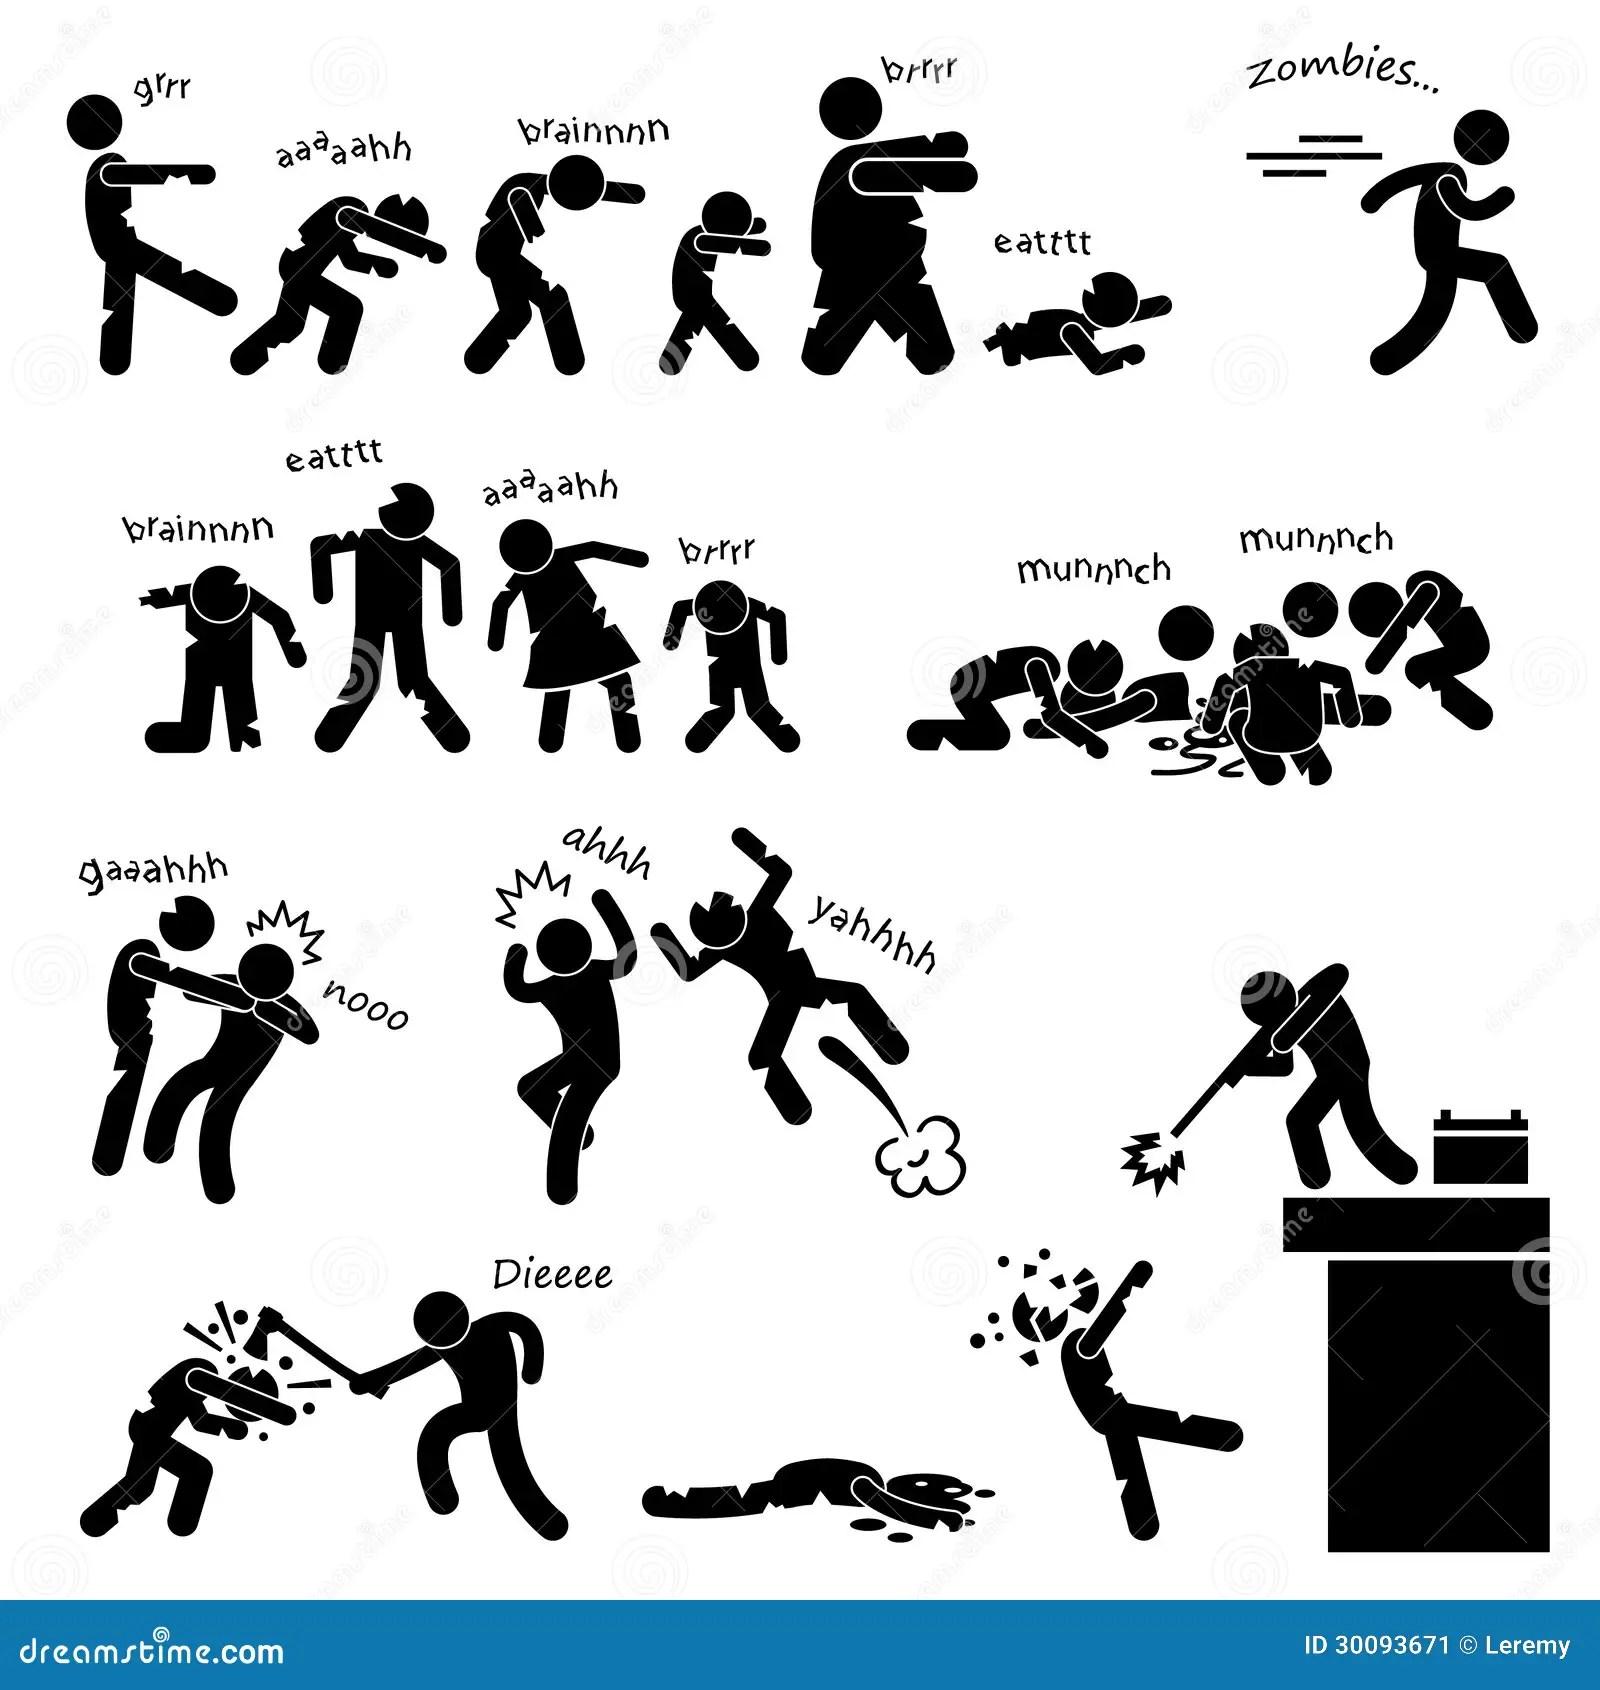 Zombieundead Angriffs Piktogramm Vektor Abbildung